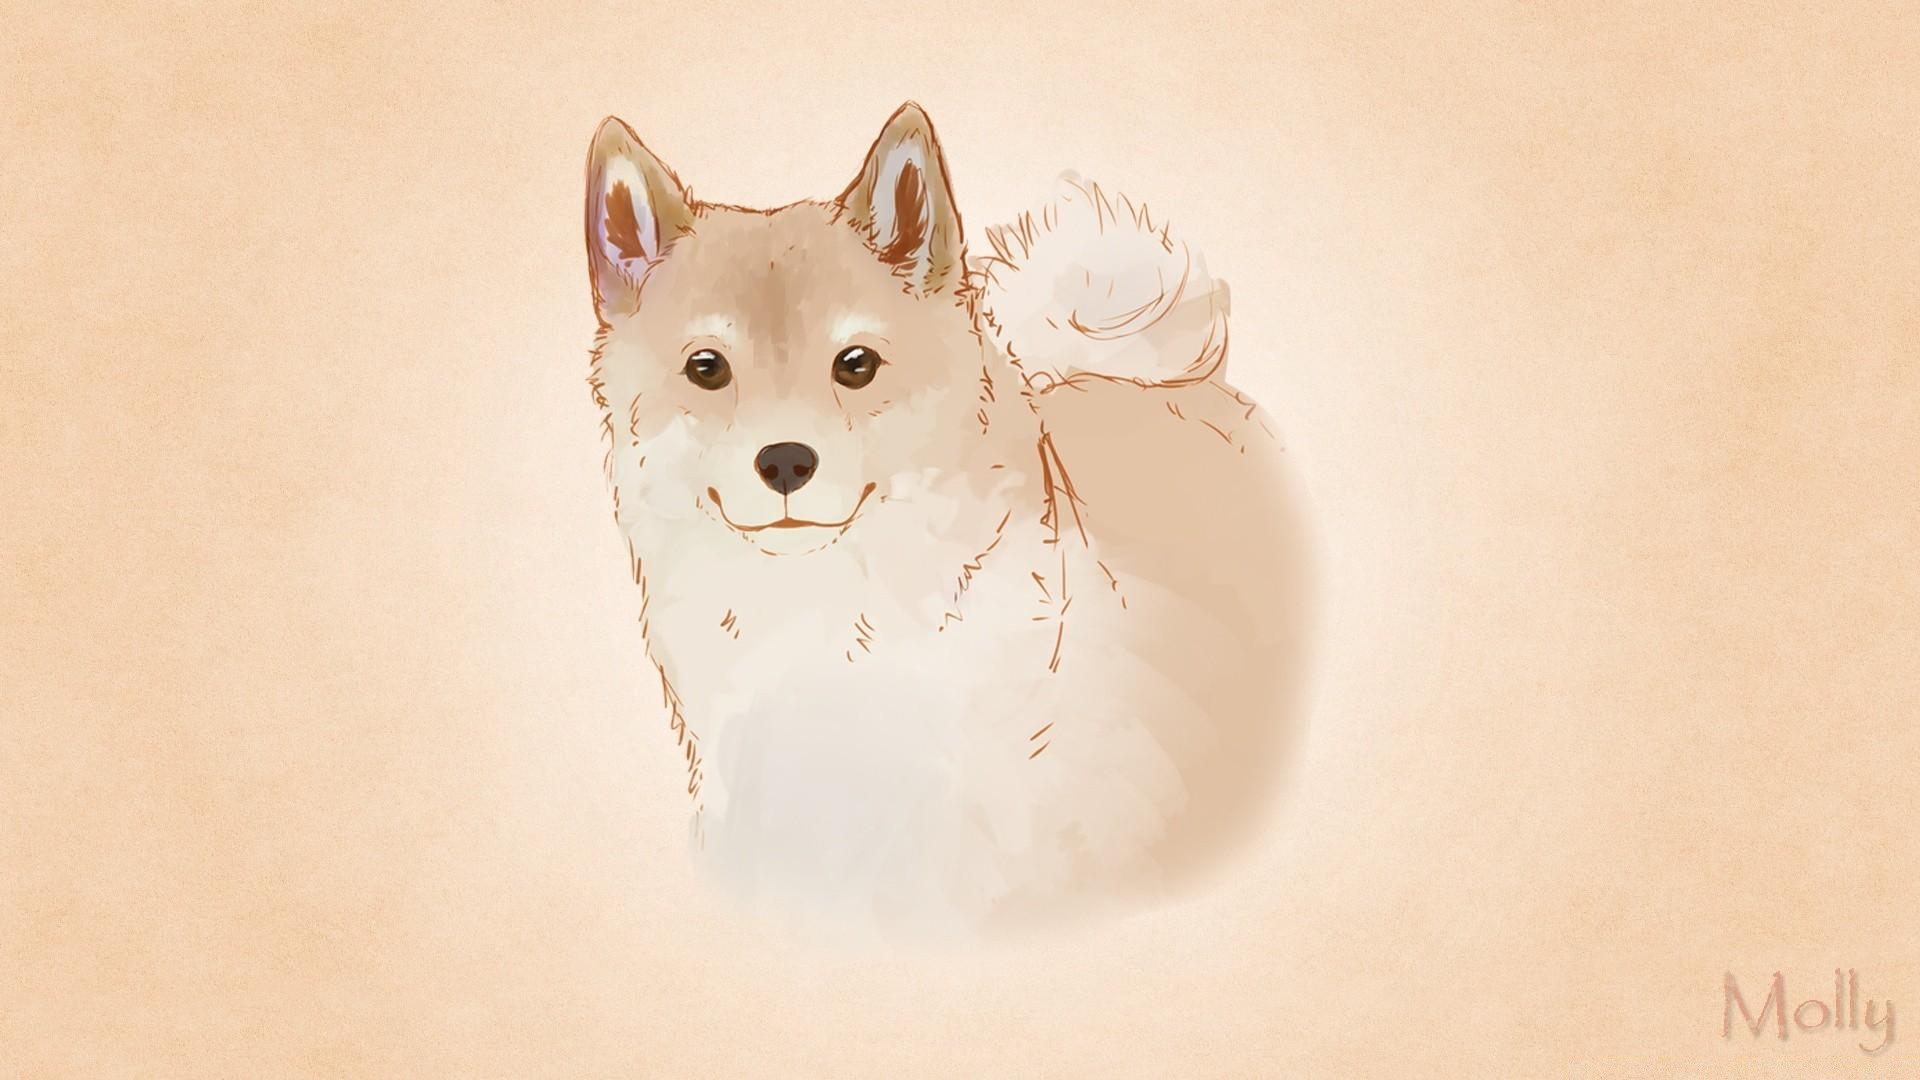 Картинки на рабочий стол рисунки животные